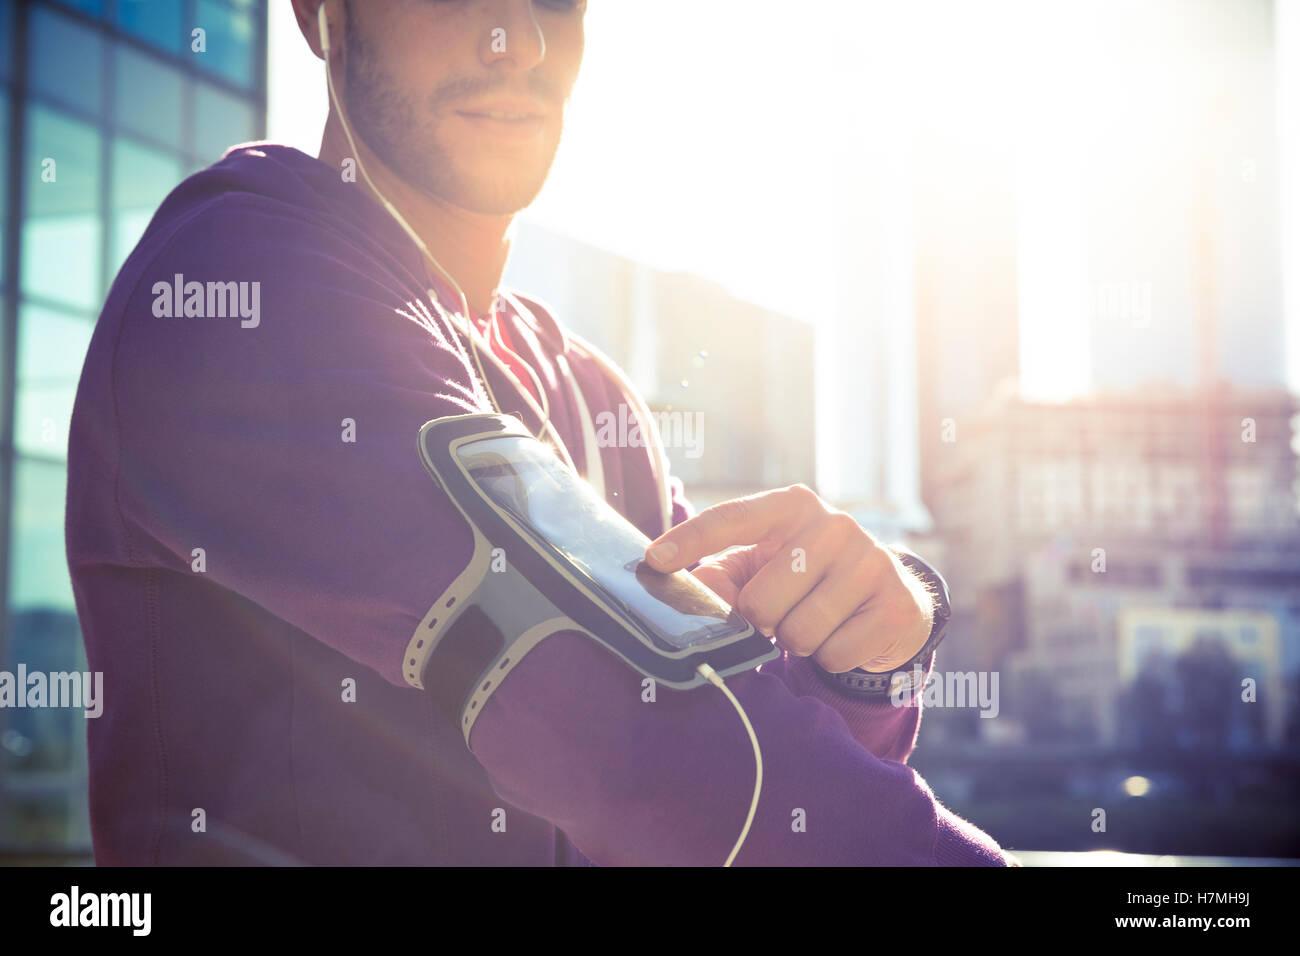 Esecuzione di allenamento uomo che ascolta la musica con il lettore mp3 di fascia da braccio o smart telefono cellulare. Immagini Stock